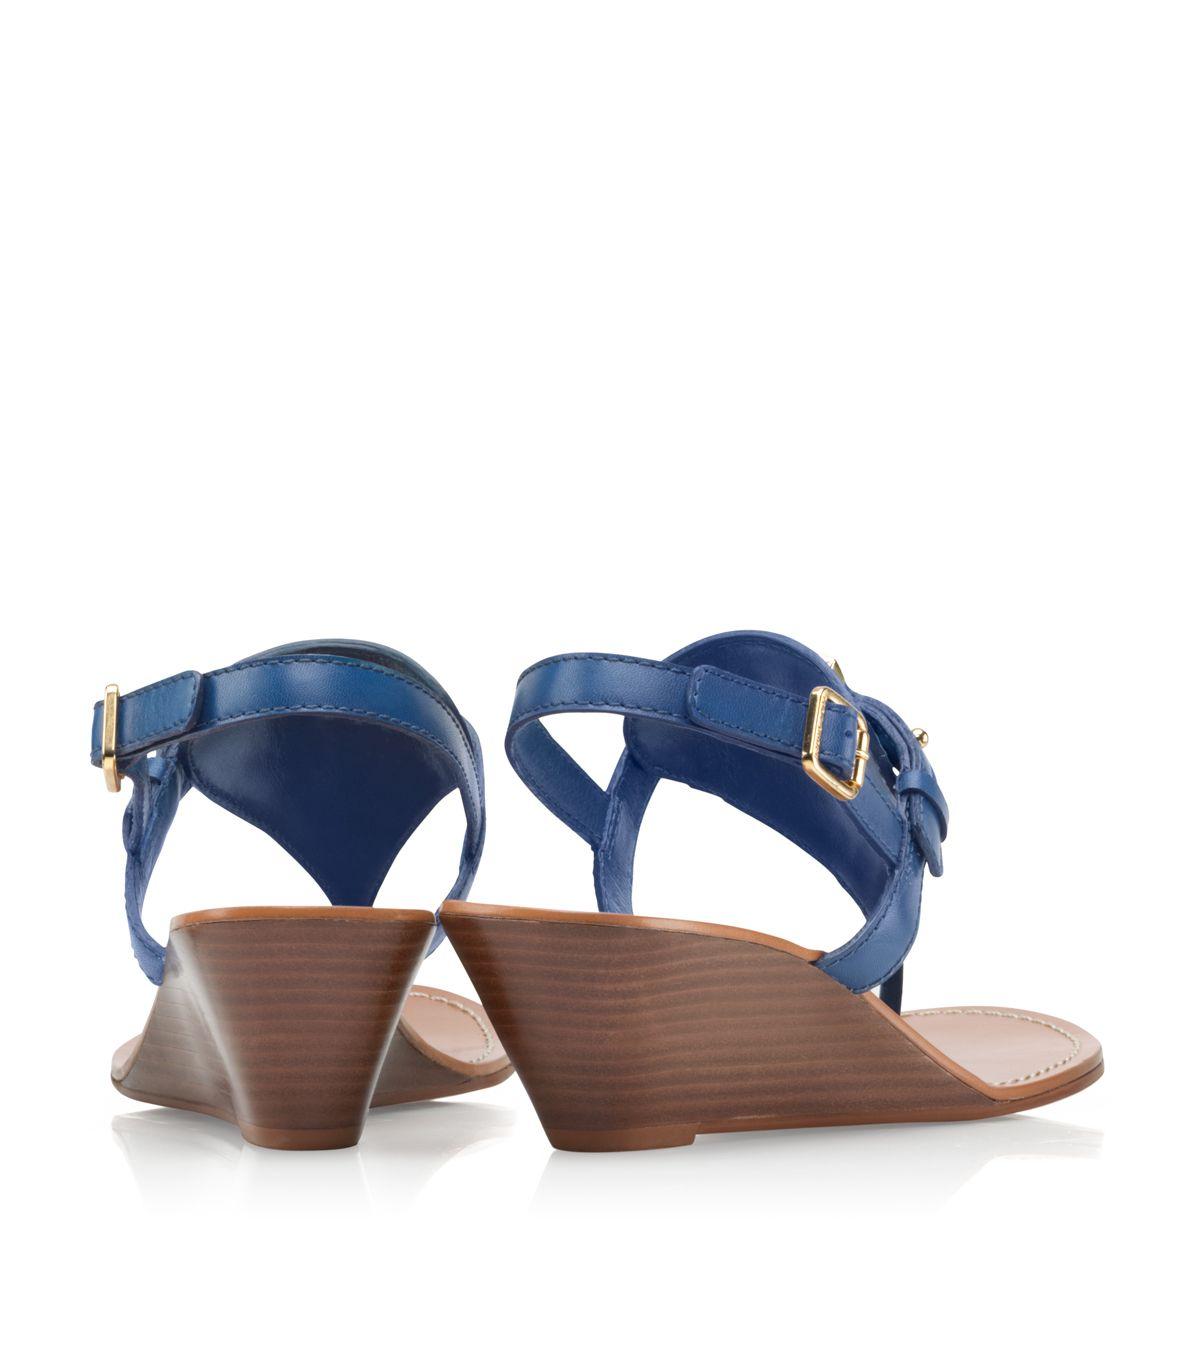 6cf41388ace5e6 ... switzerland lyst tory burch mini miller croc effect leather sandals in  blue bece0 9dd2f